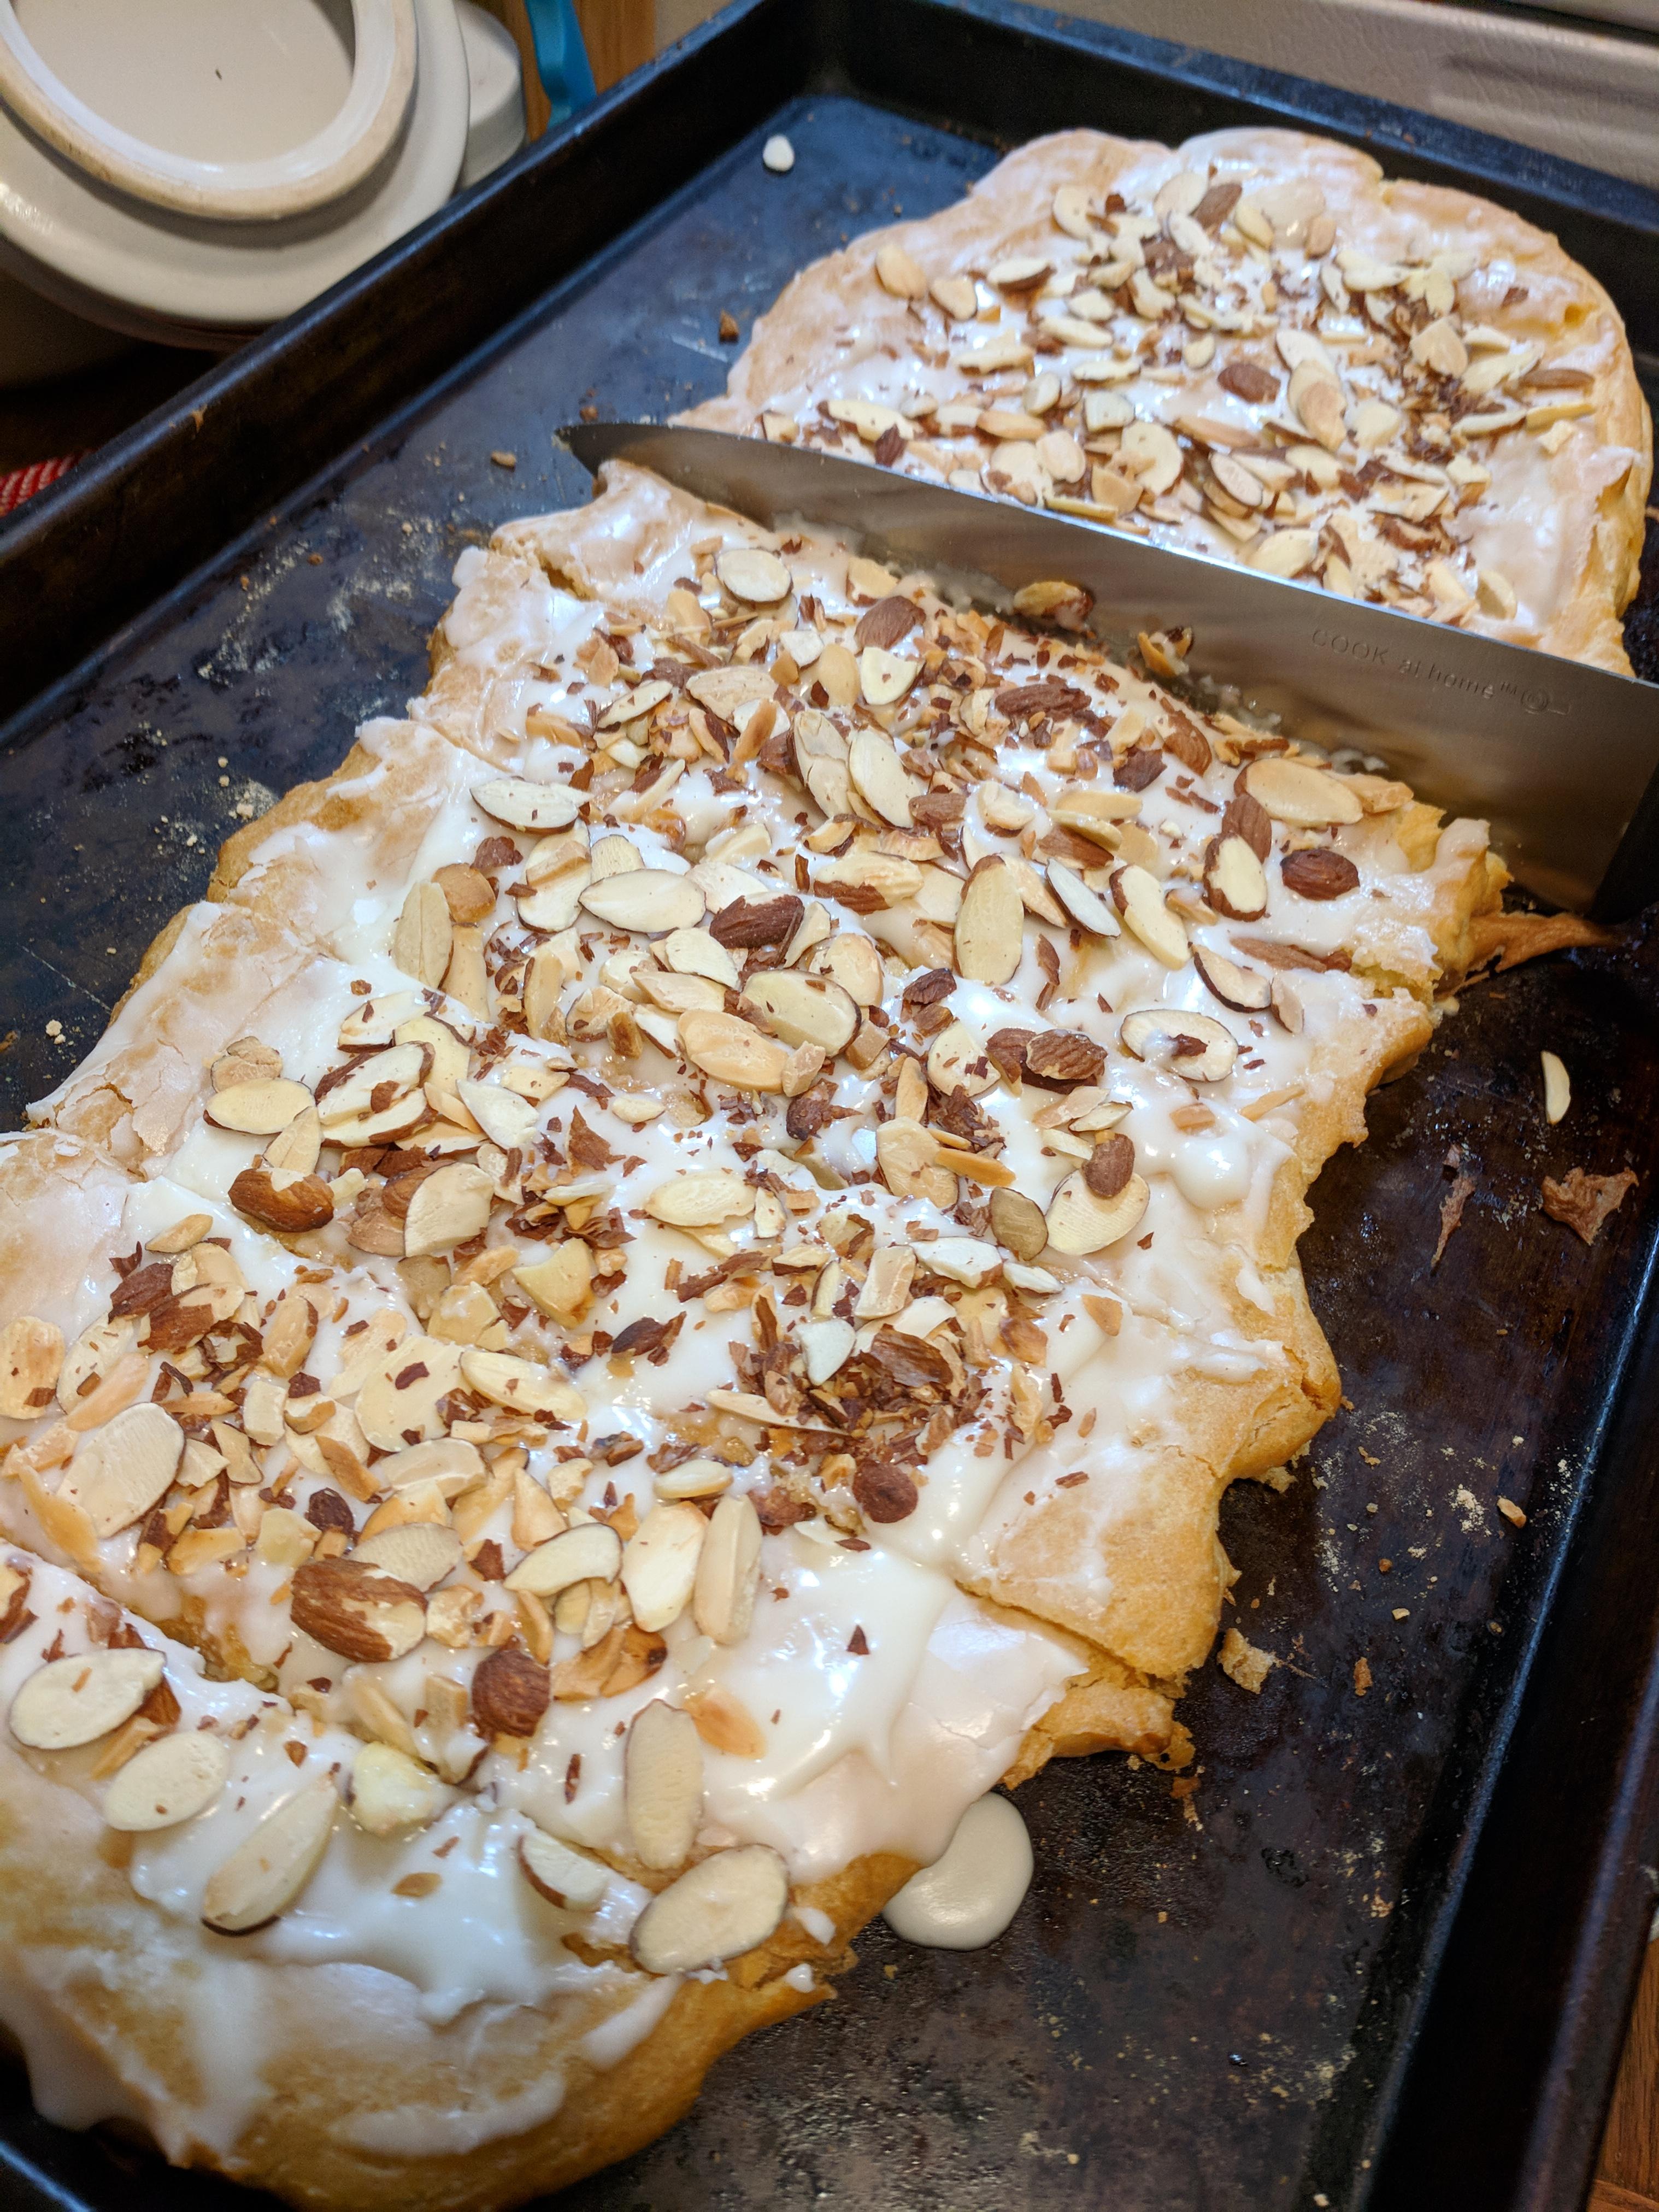 Swedish Pastry javyjones